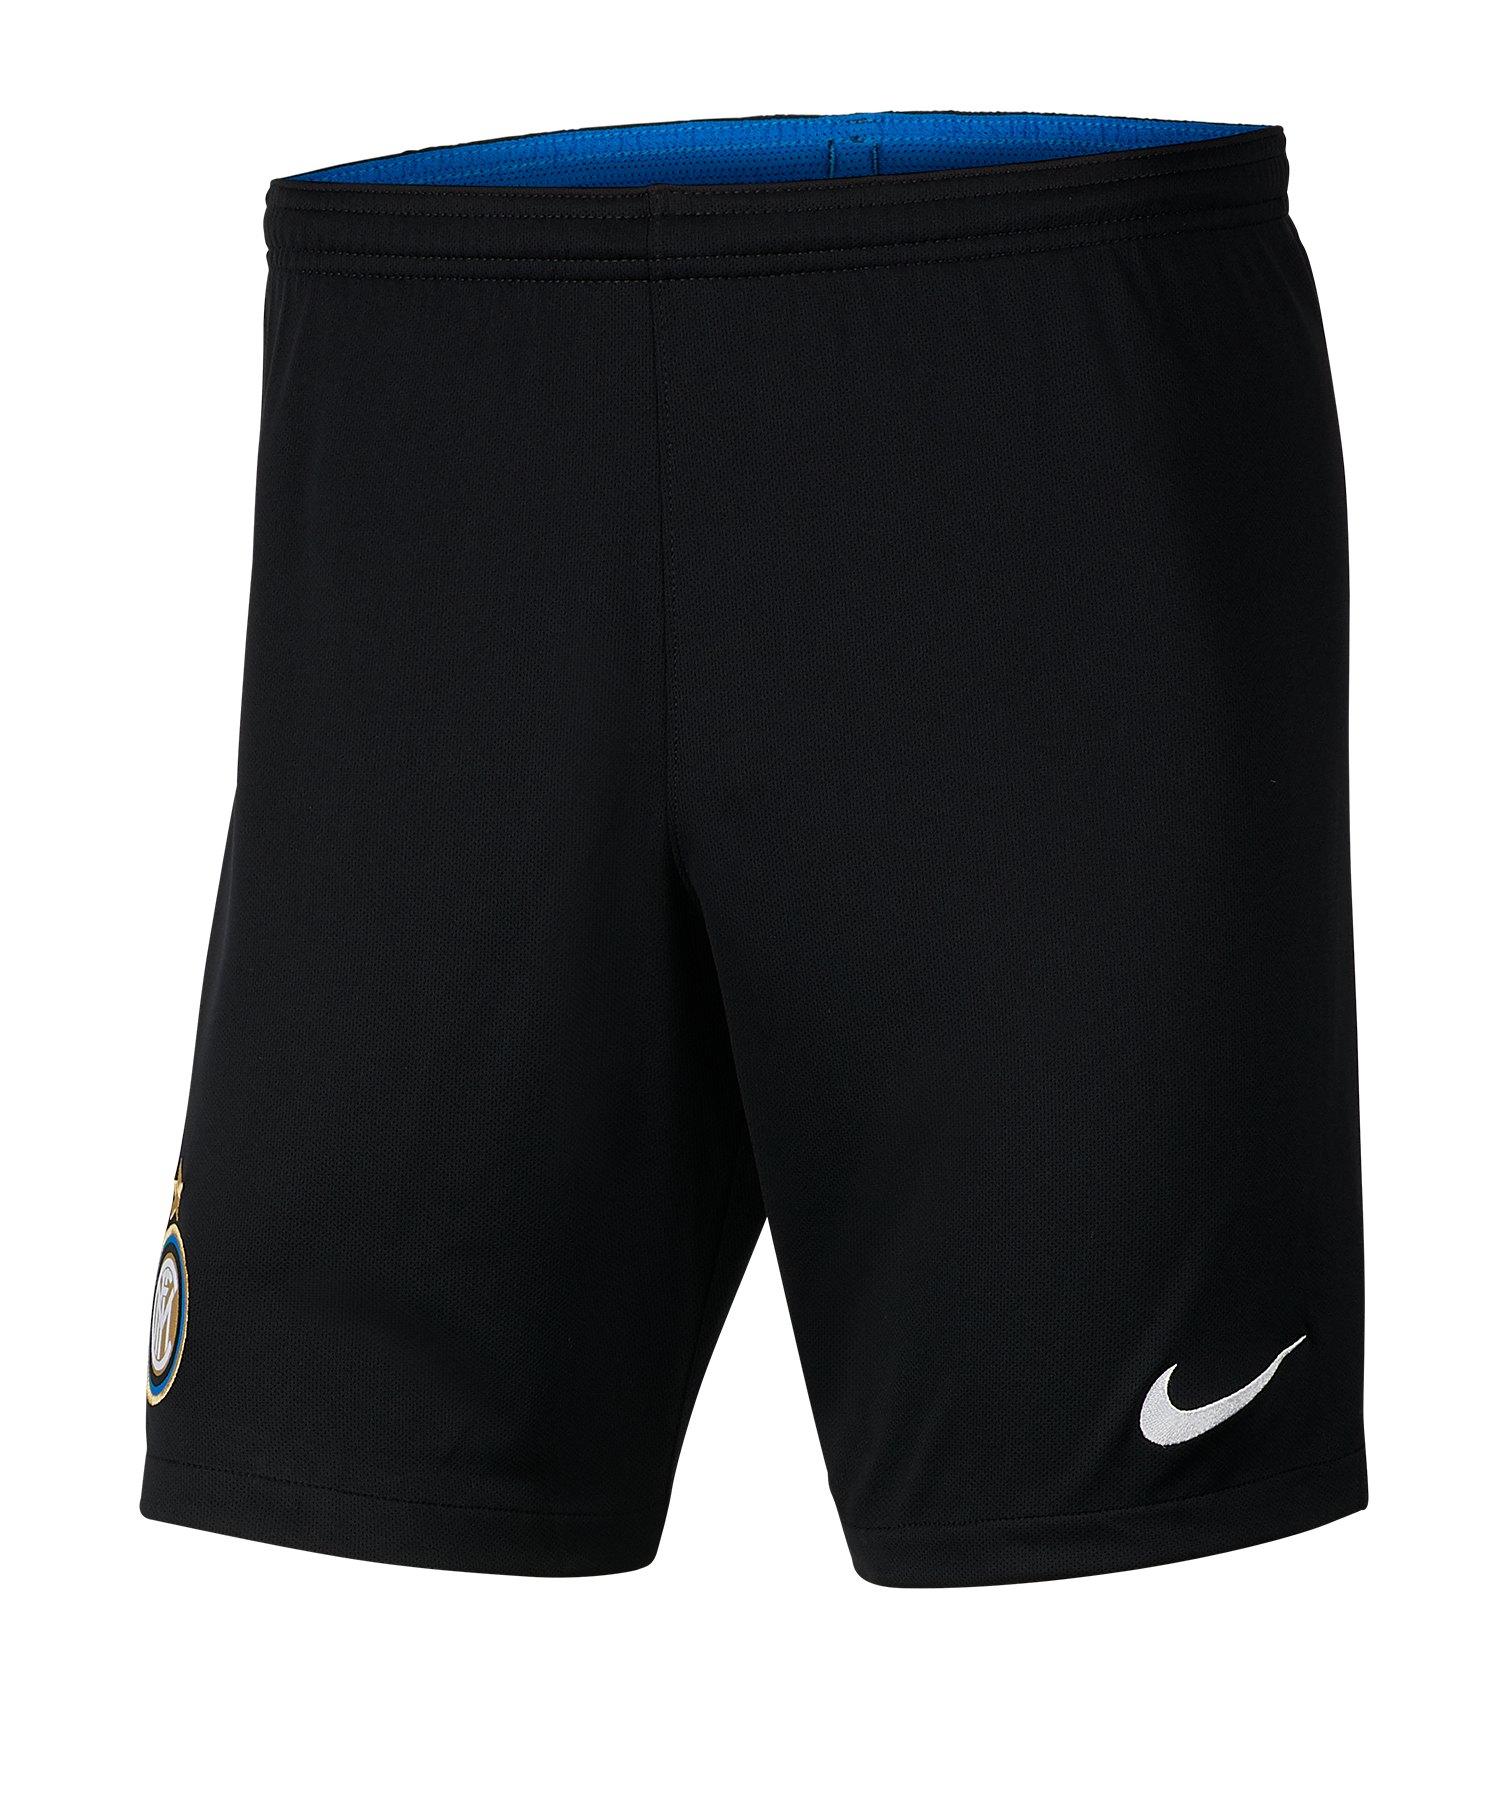 Nike Inter Mailand Short Home 2019/2020 Schwarz F010 - Schwarz